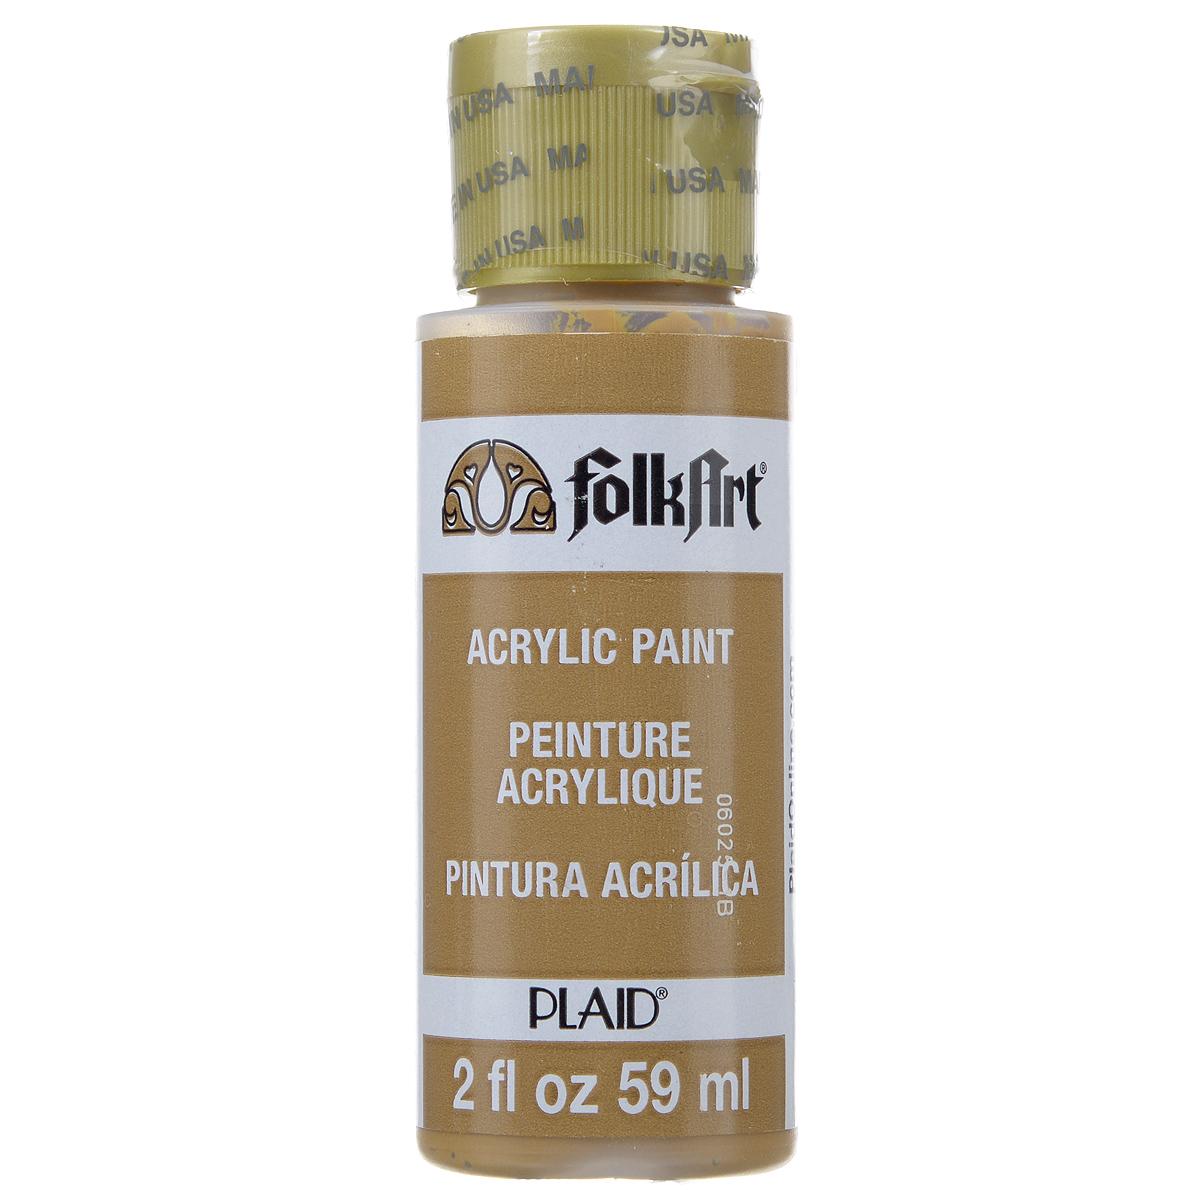 Акриловая краска FolkArt, цвет: корица, 59 млPLD-02558Акриловая краска FolkArt выполнена на водной основе и предназначена для рисования на пористых поверхностях. Краска устойчива к погодным и ультрафиолетовым воздействиям. Не нуждается в дополнительном покрытии герметиком. После высыхания имеет глянцевый вид. Изделия покрытые краской FolkArt, прекрасно дополнят ваш интерьер. Объем: 59 мл.